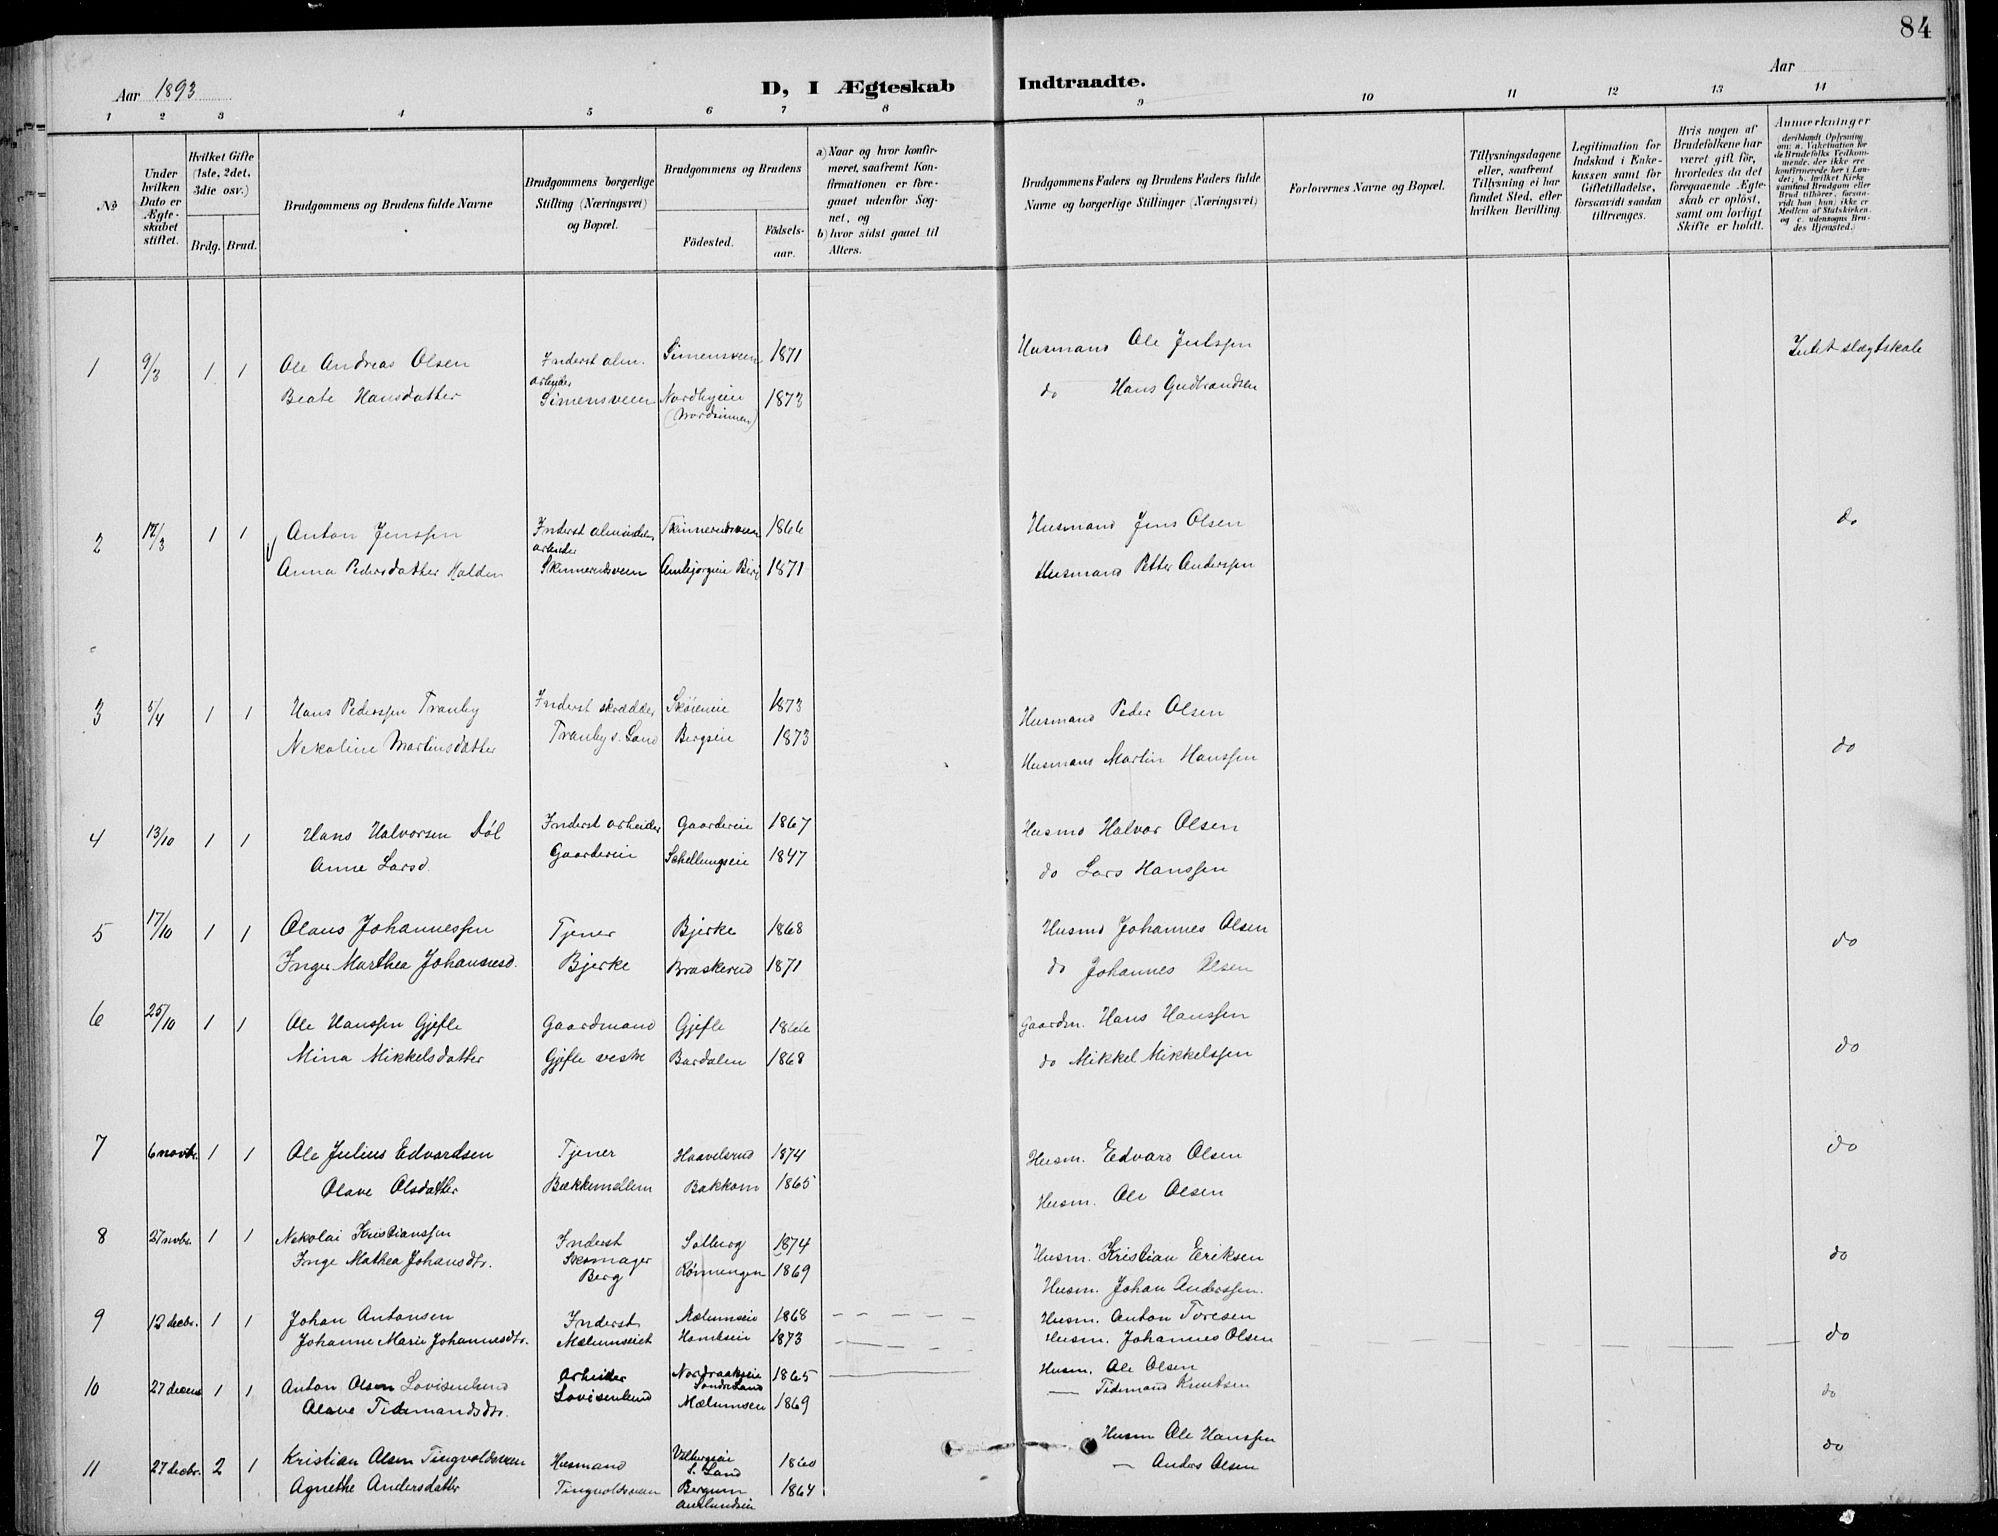 SAH, Nordre Land prestekontor, Klokkerbok nr. 14, 1891-1907, s. 84